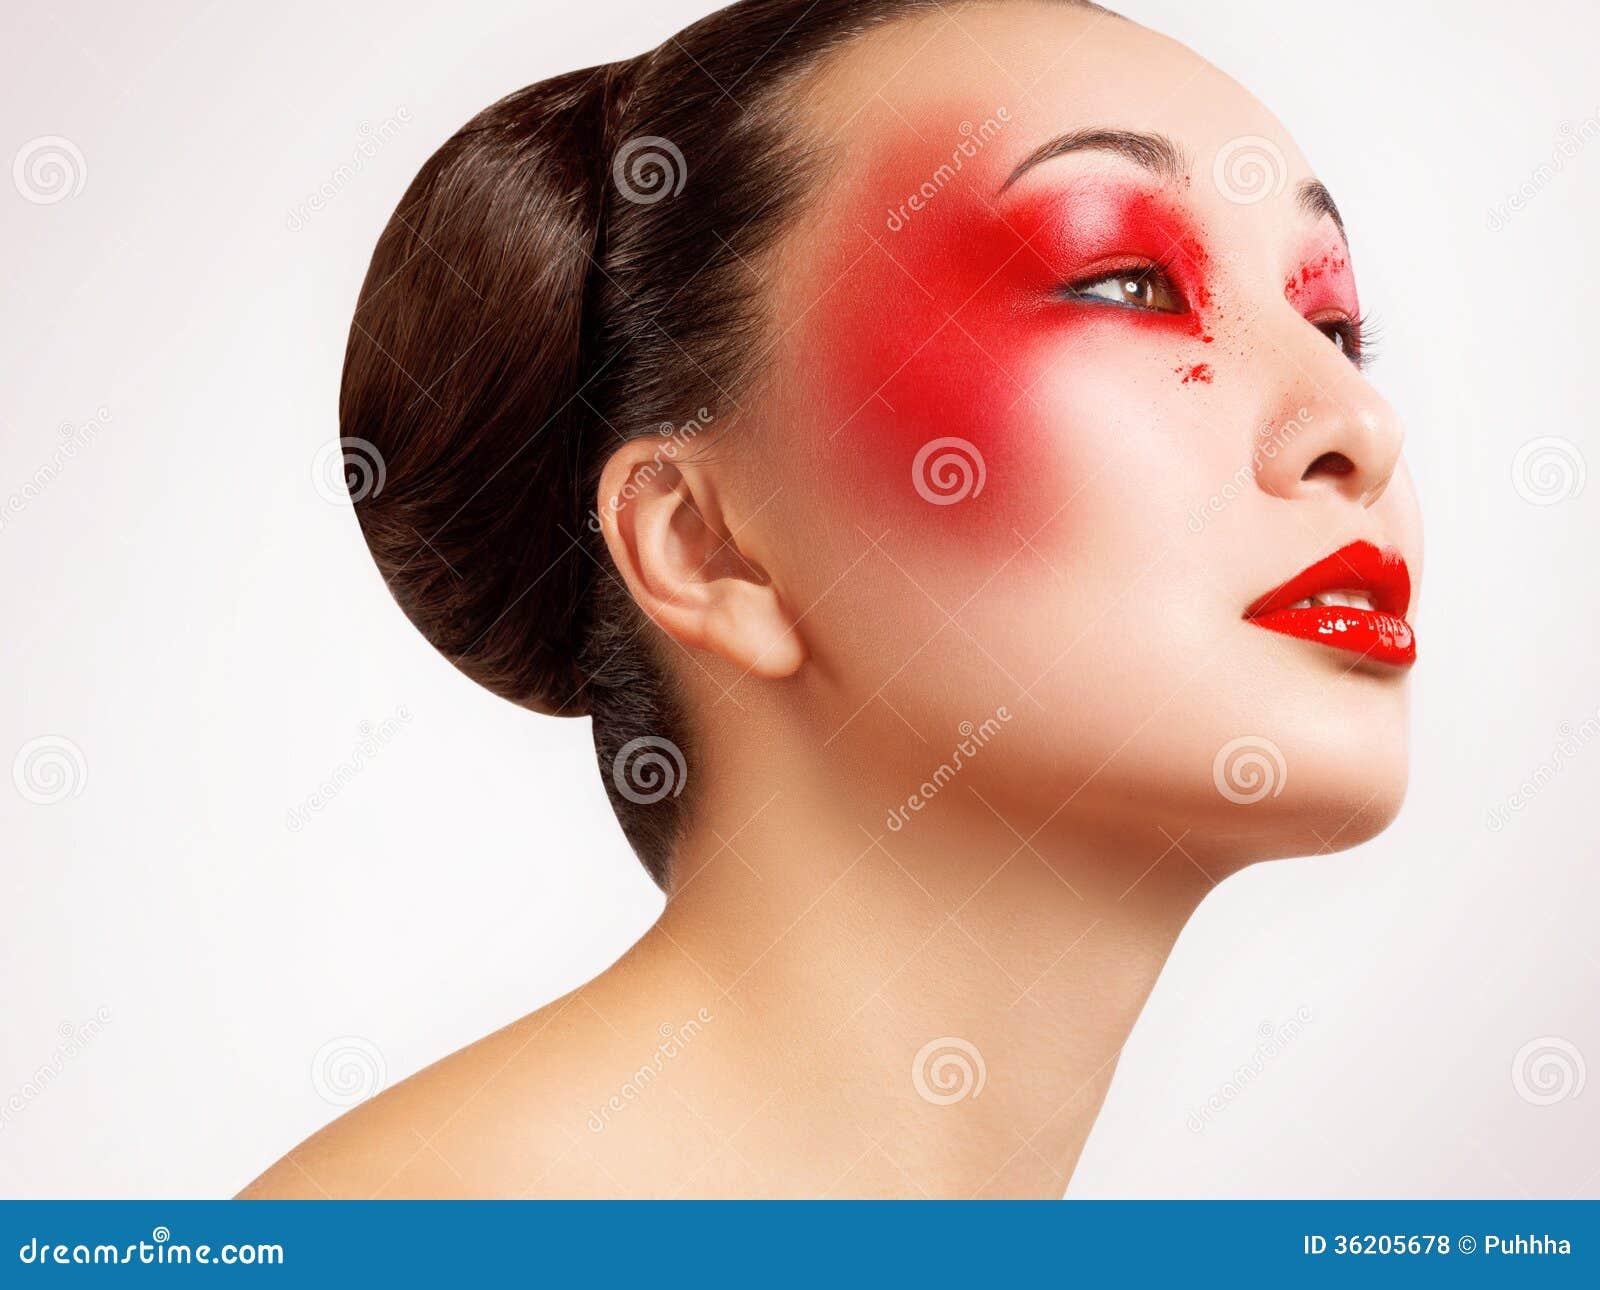 Frau mit schönem Mode-Make-up. Rotes Bild der Lippenhohen qualität